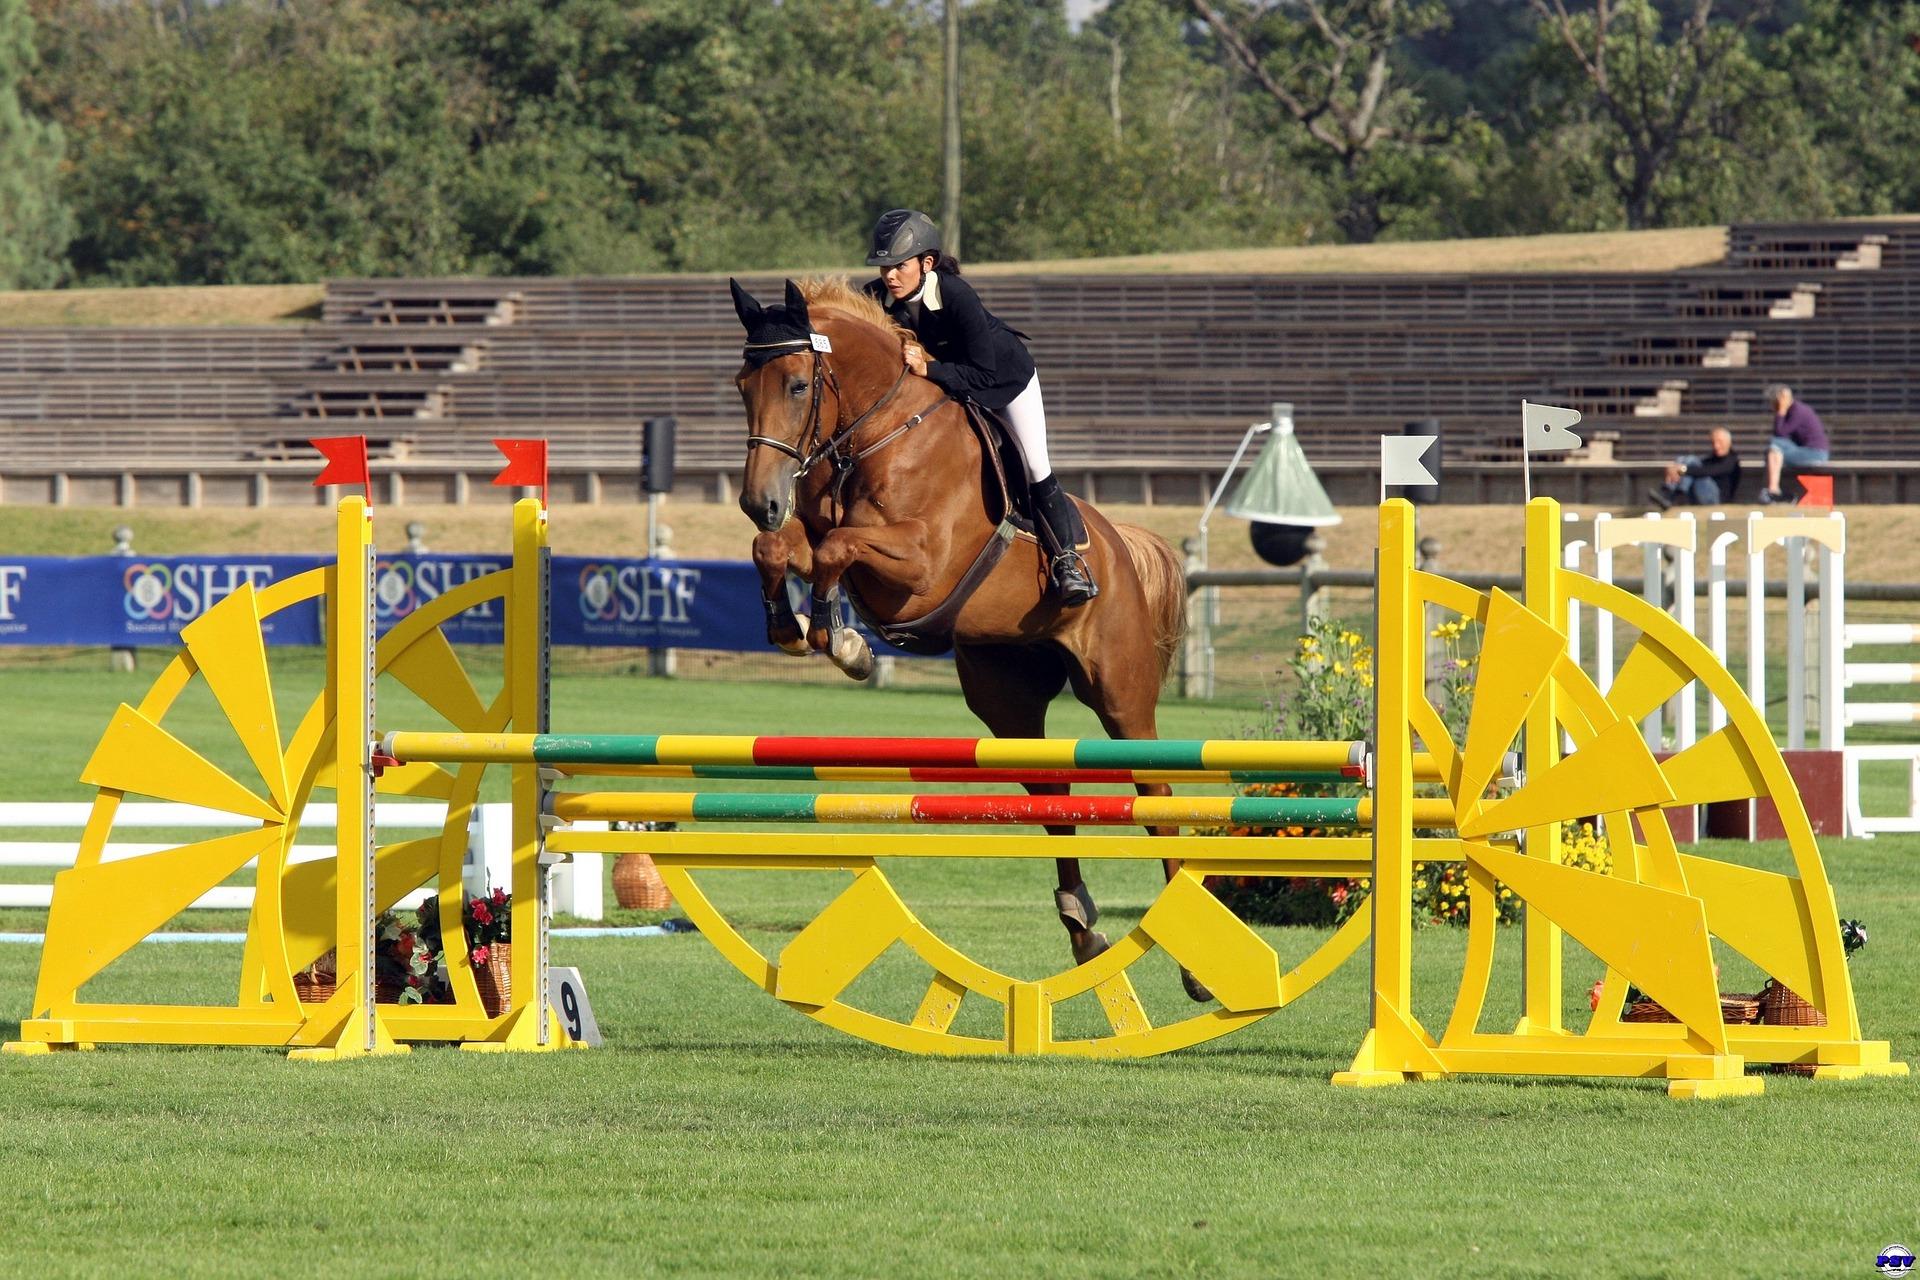 Est-ce-que votre cheval sera toujours aussi serein quand les gradins seront remplis par une foule enjouée ?